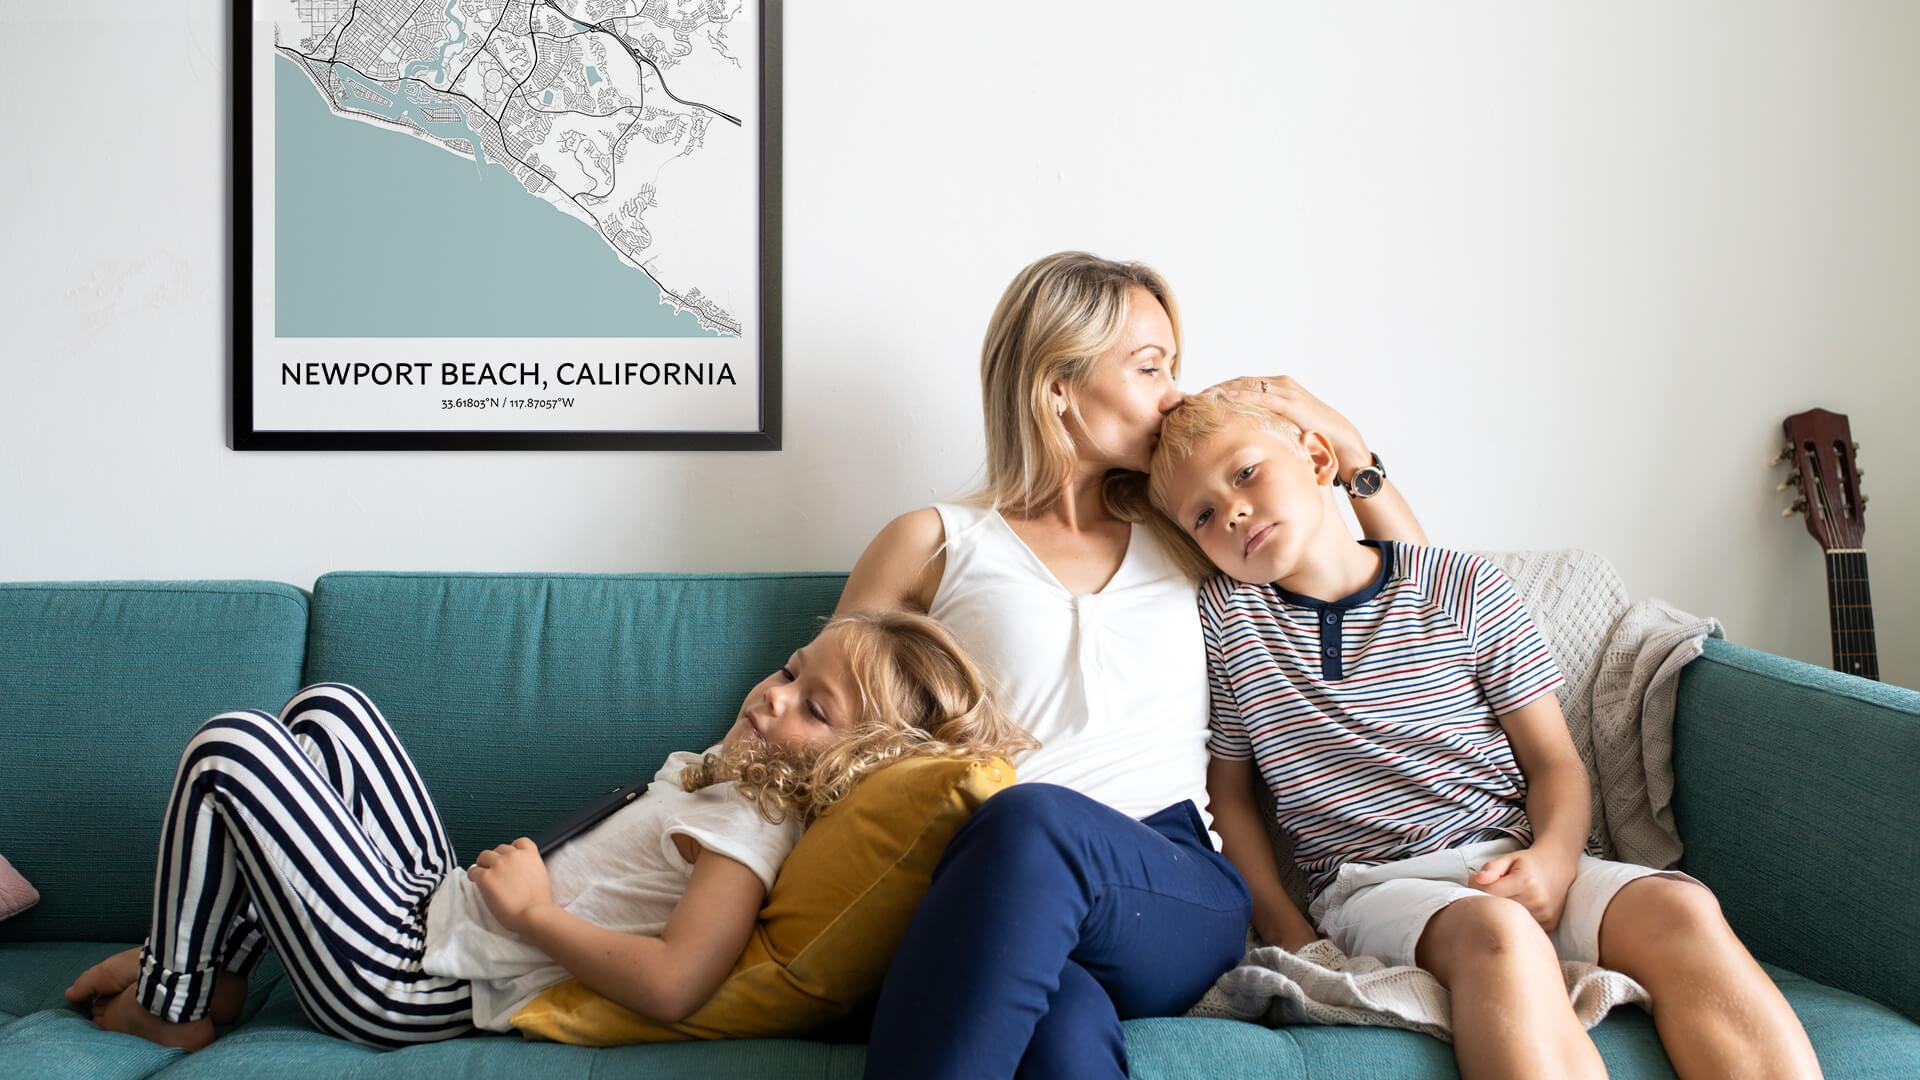 Newport Beach map poster